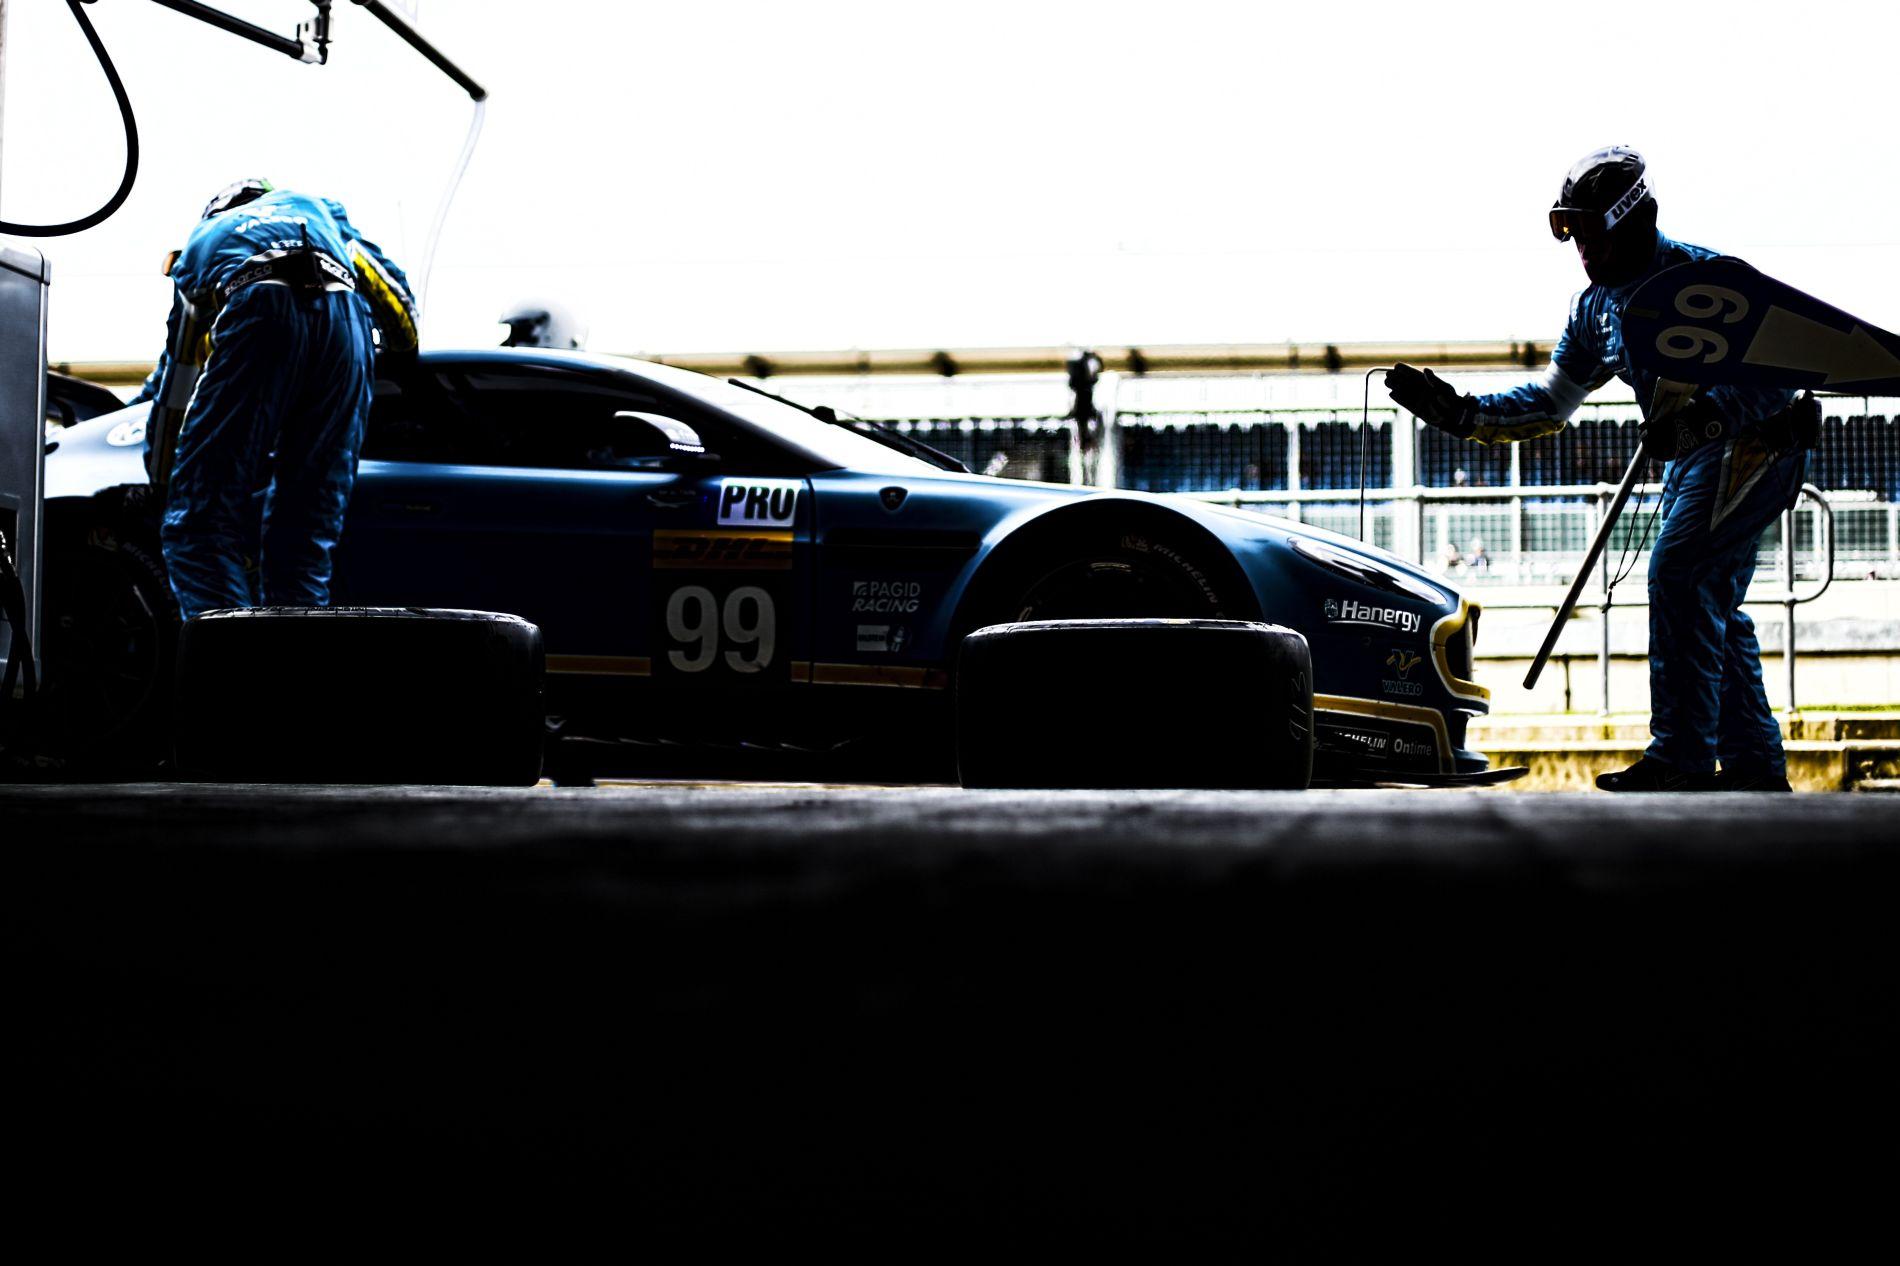 Több lehetőséget is mérlegel az Aston Martin: a Force India vagy a Williams lehet a befutó?